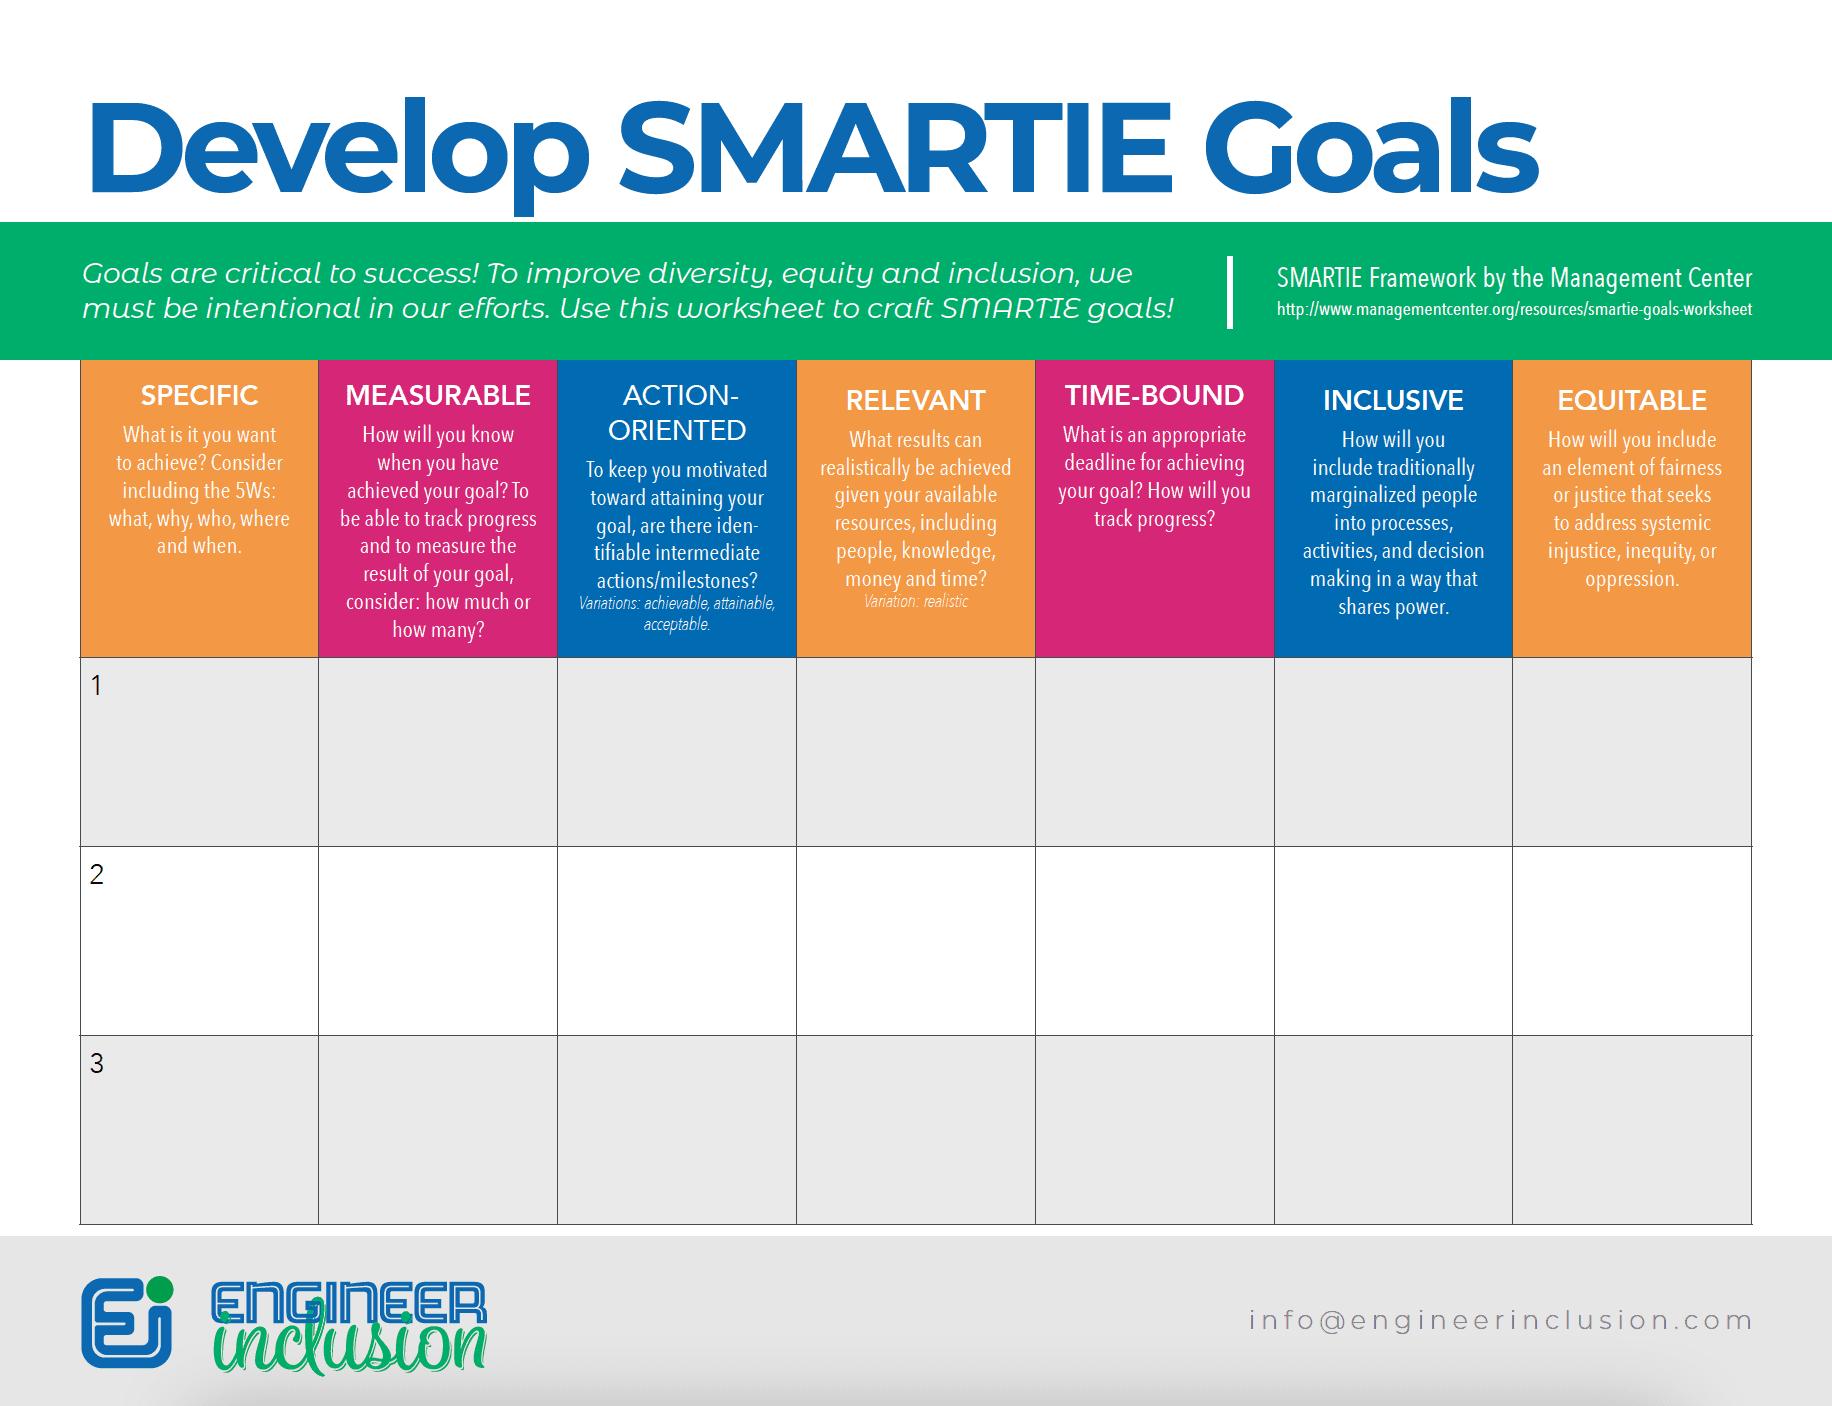 SMARTIE goals